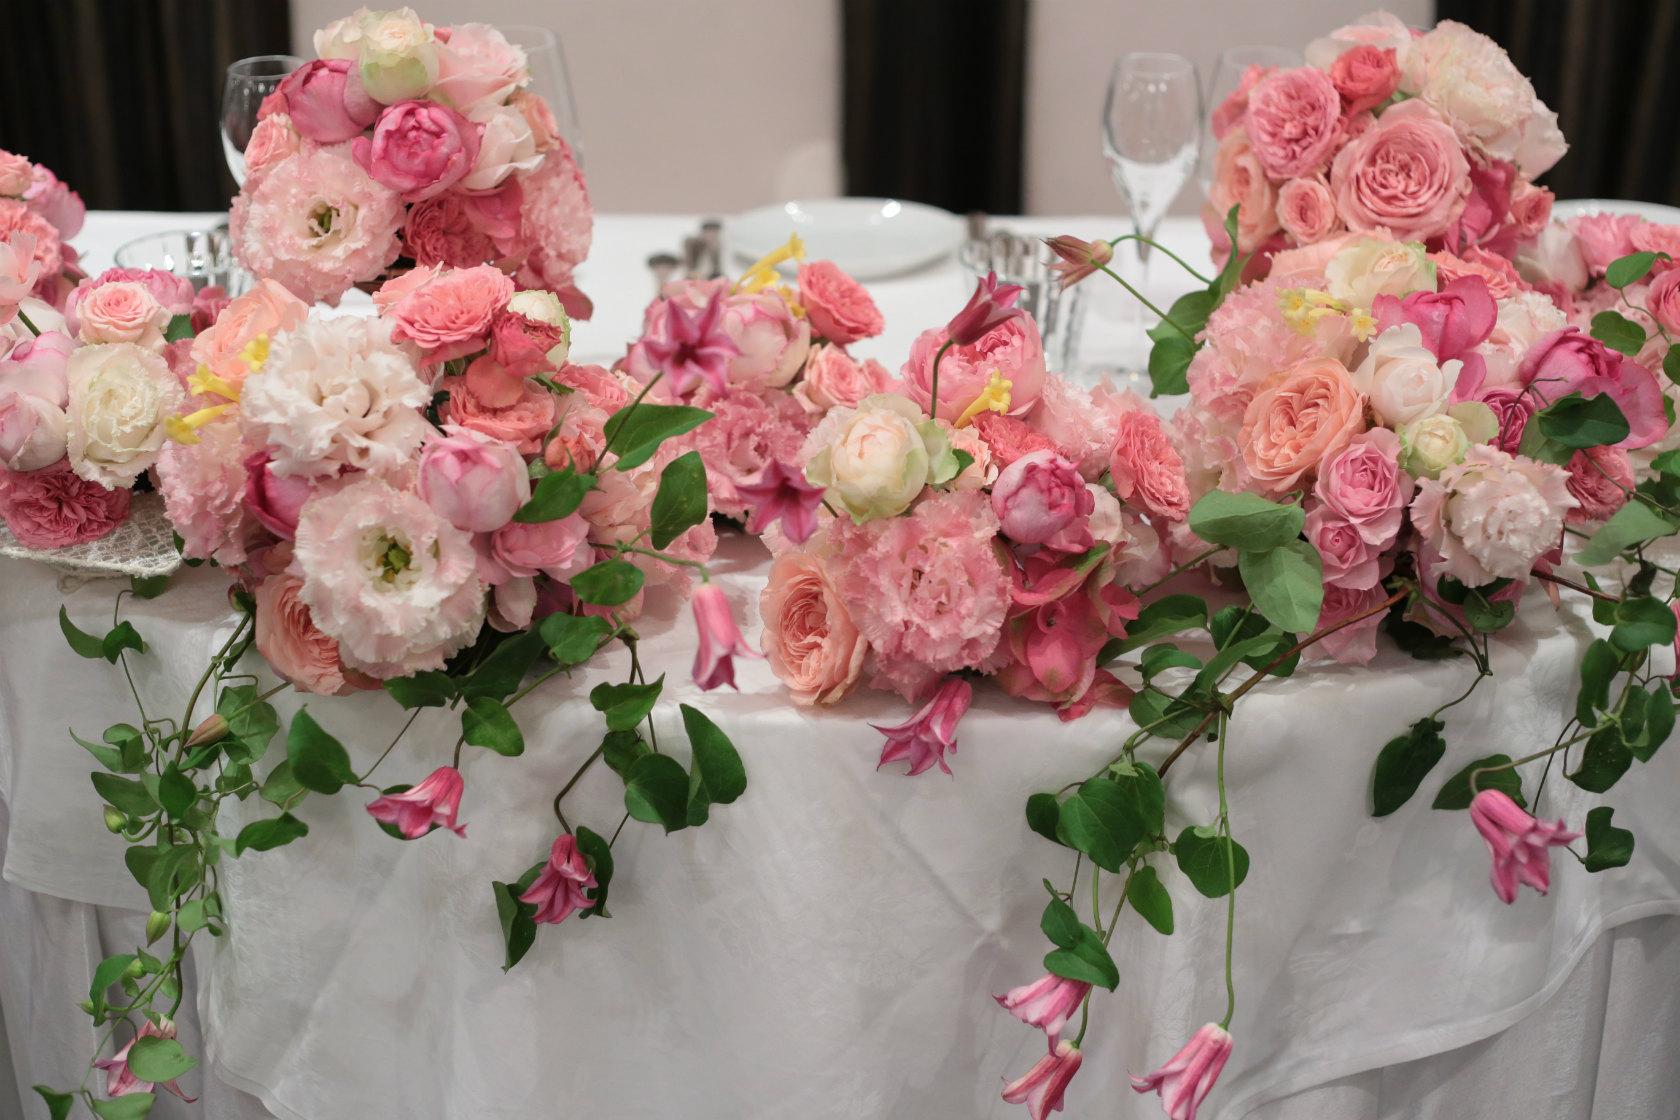 新郎新婦様からのメール 6月の花嫁 2_a0042928_1333325.jpg